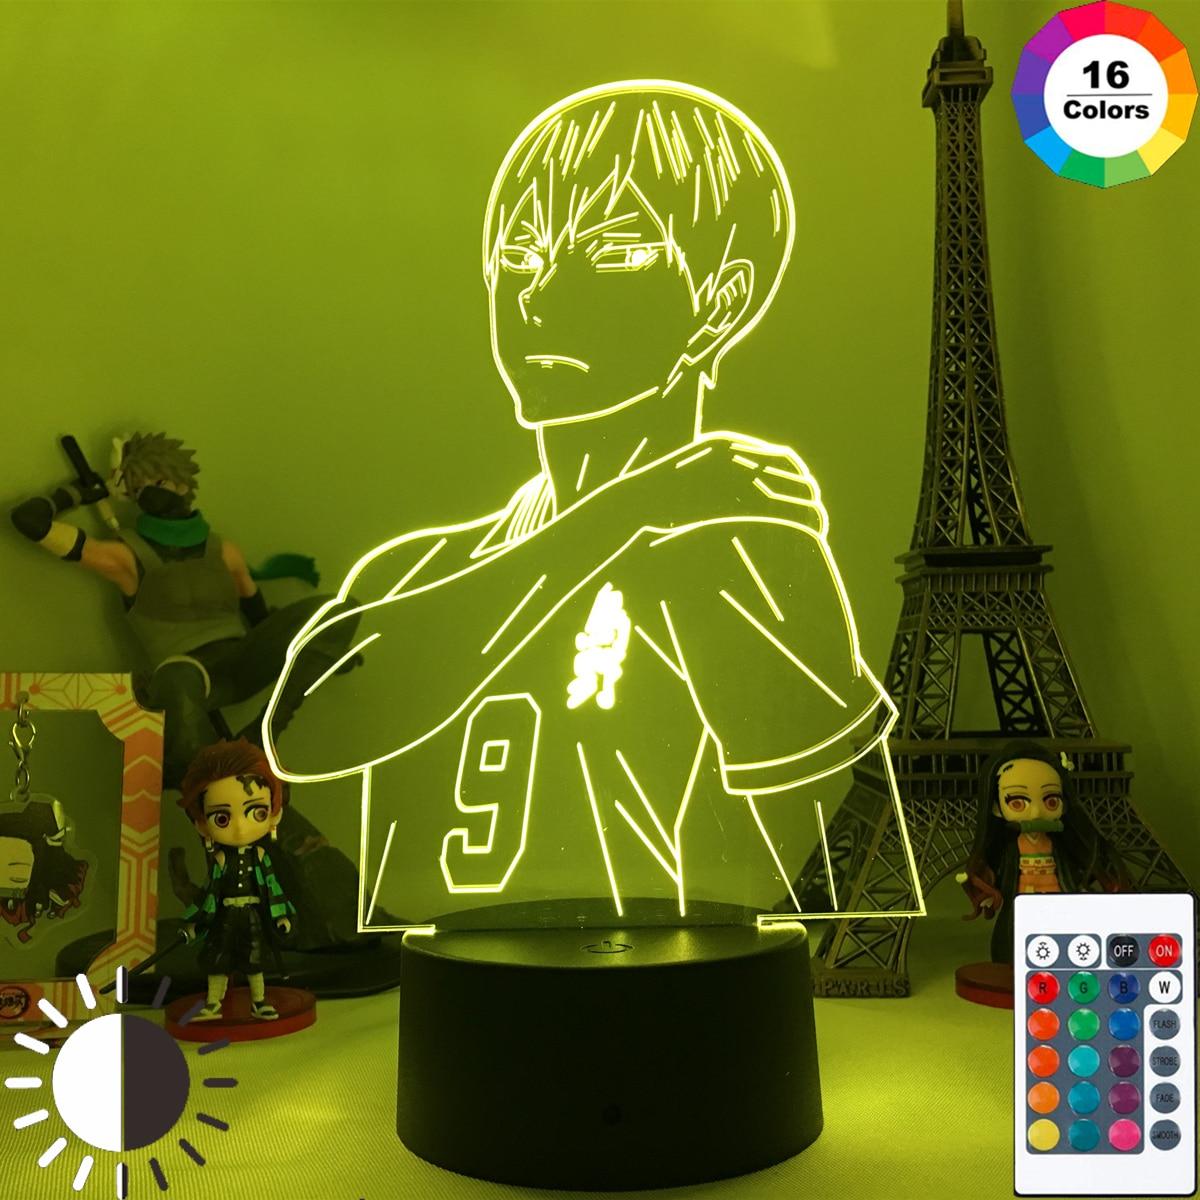 Аниме светодиодный светильник Haikyu 3d ночной Светильник для Украшения в спальню день рождения детей подарок манга гаджет лампа неоновые знак...